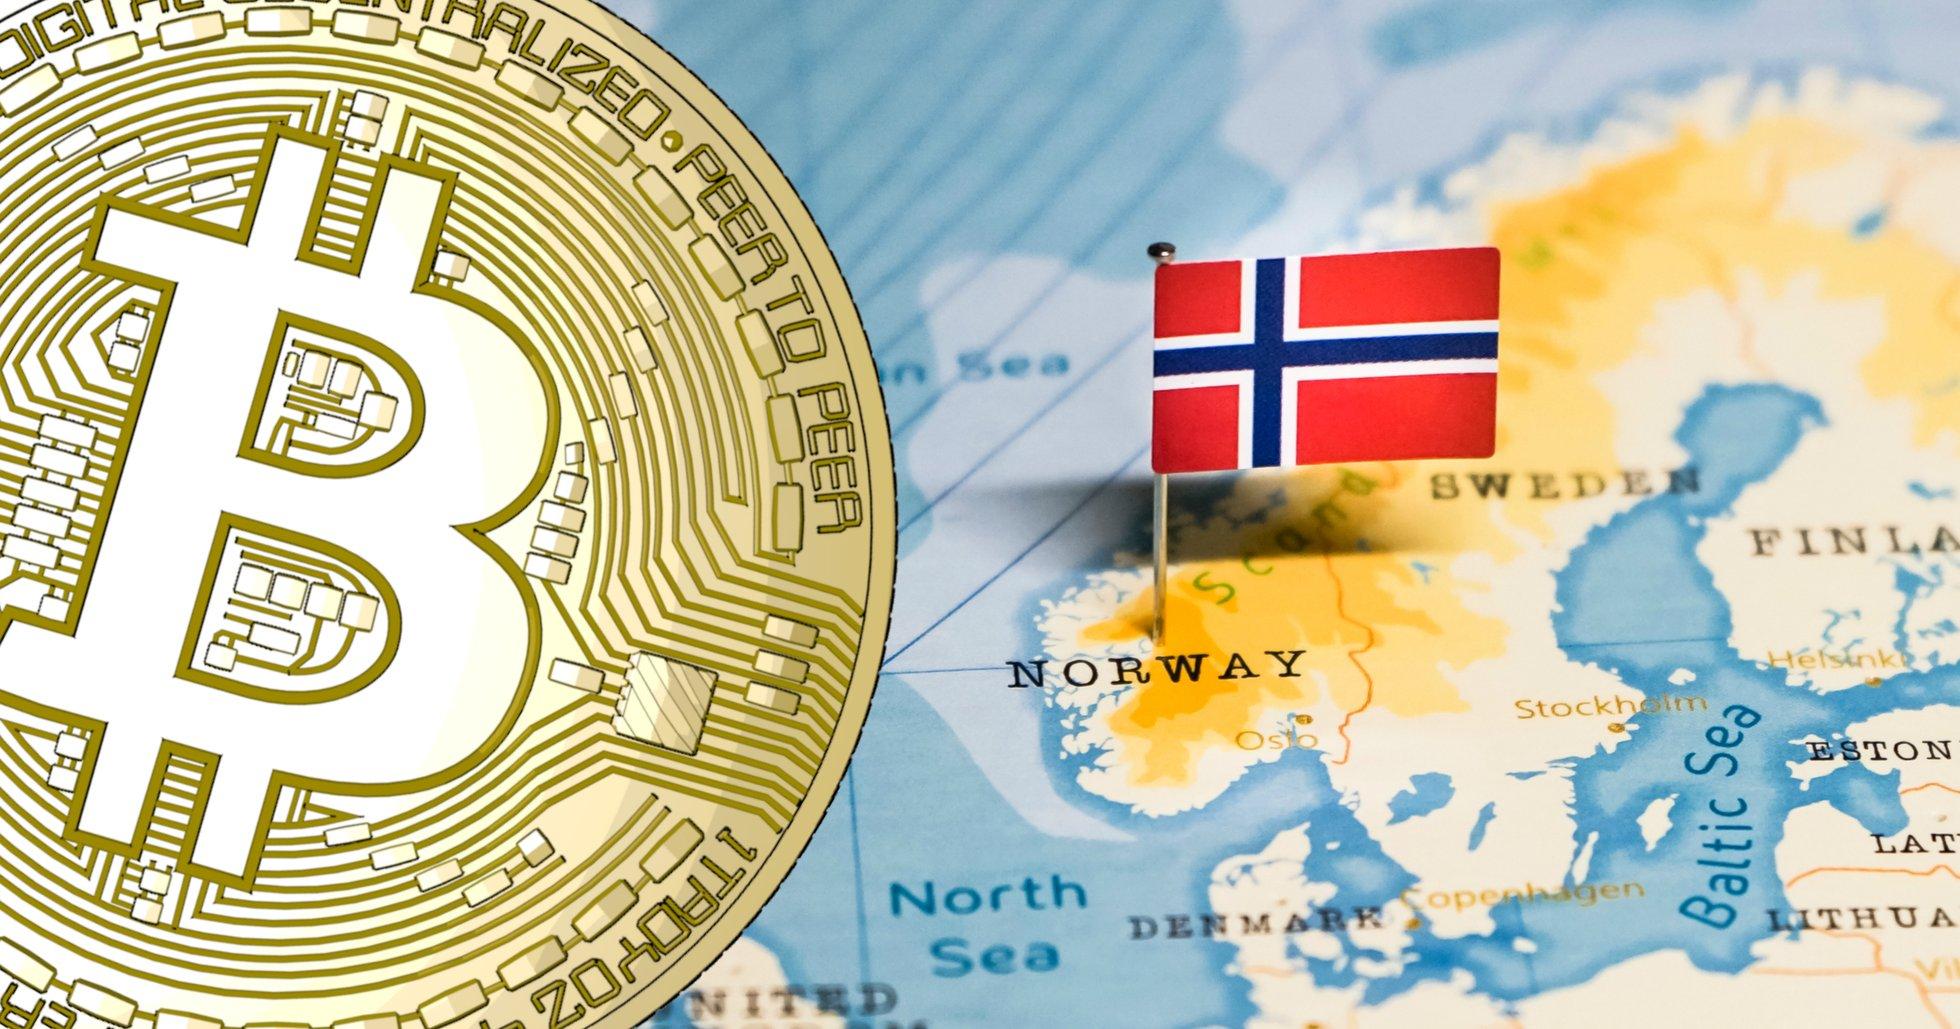 Majoriteten av Bitcoins Norges kunder tackar nej till erbjudande om förlikning.